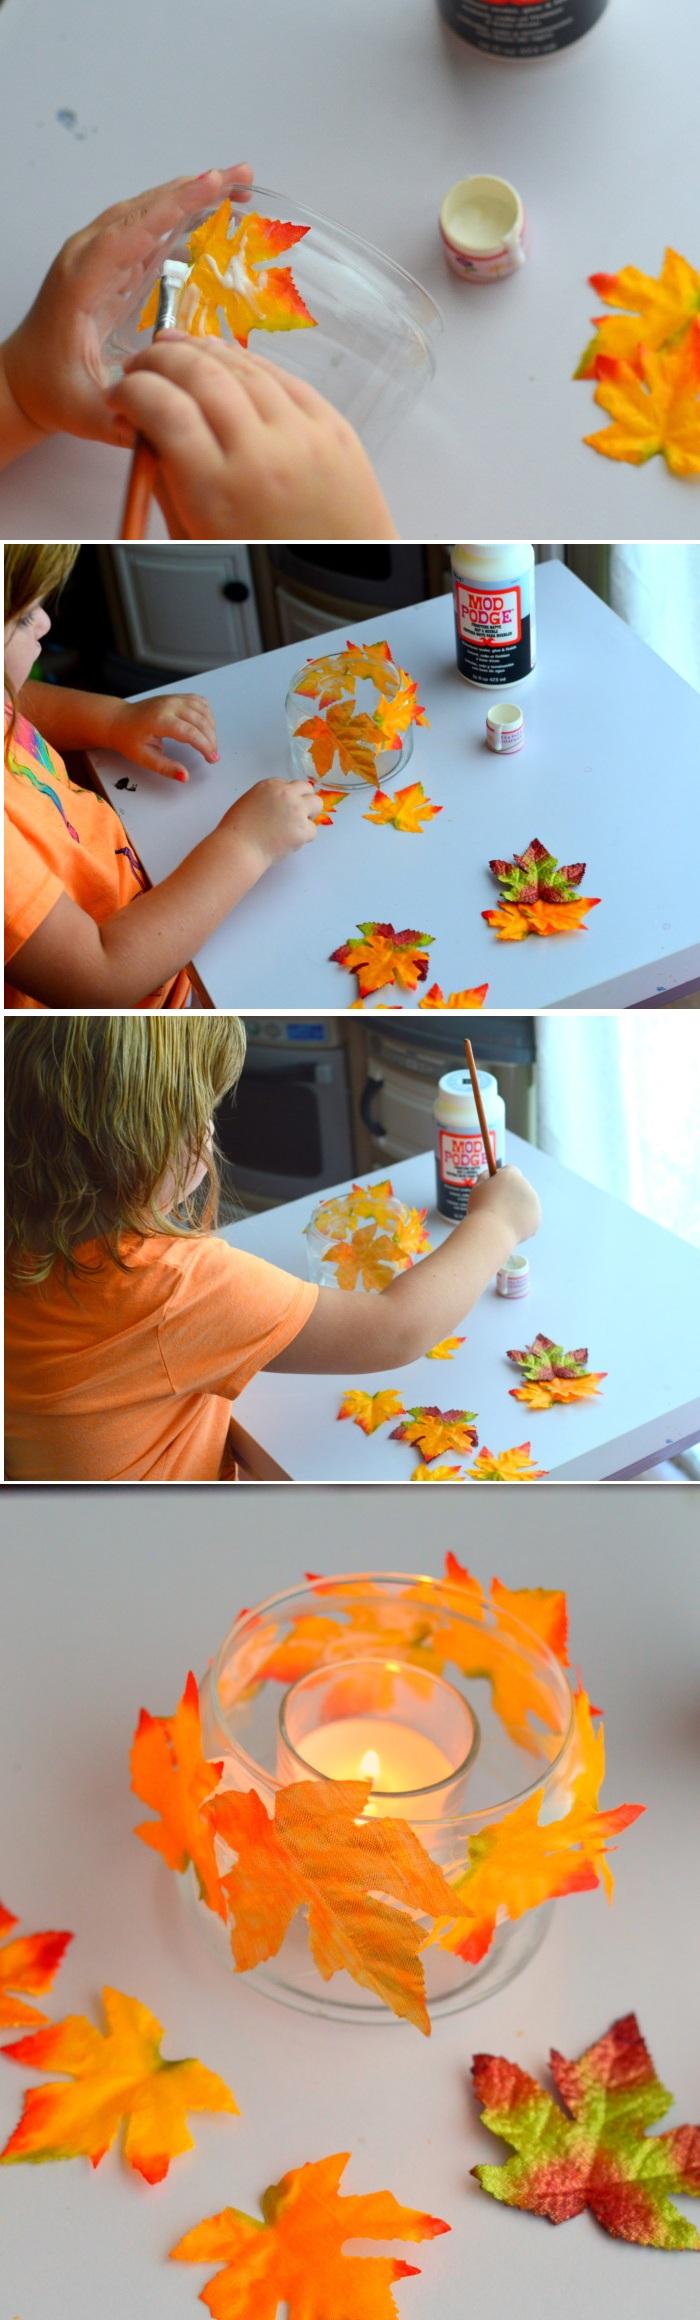 basteln mit kindern, kerzenhalter aus glas dekoriert mit blättern, klebstoff, herbstdeko